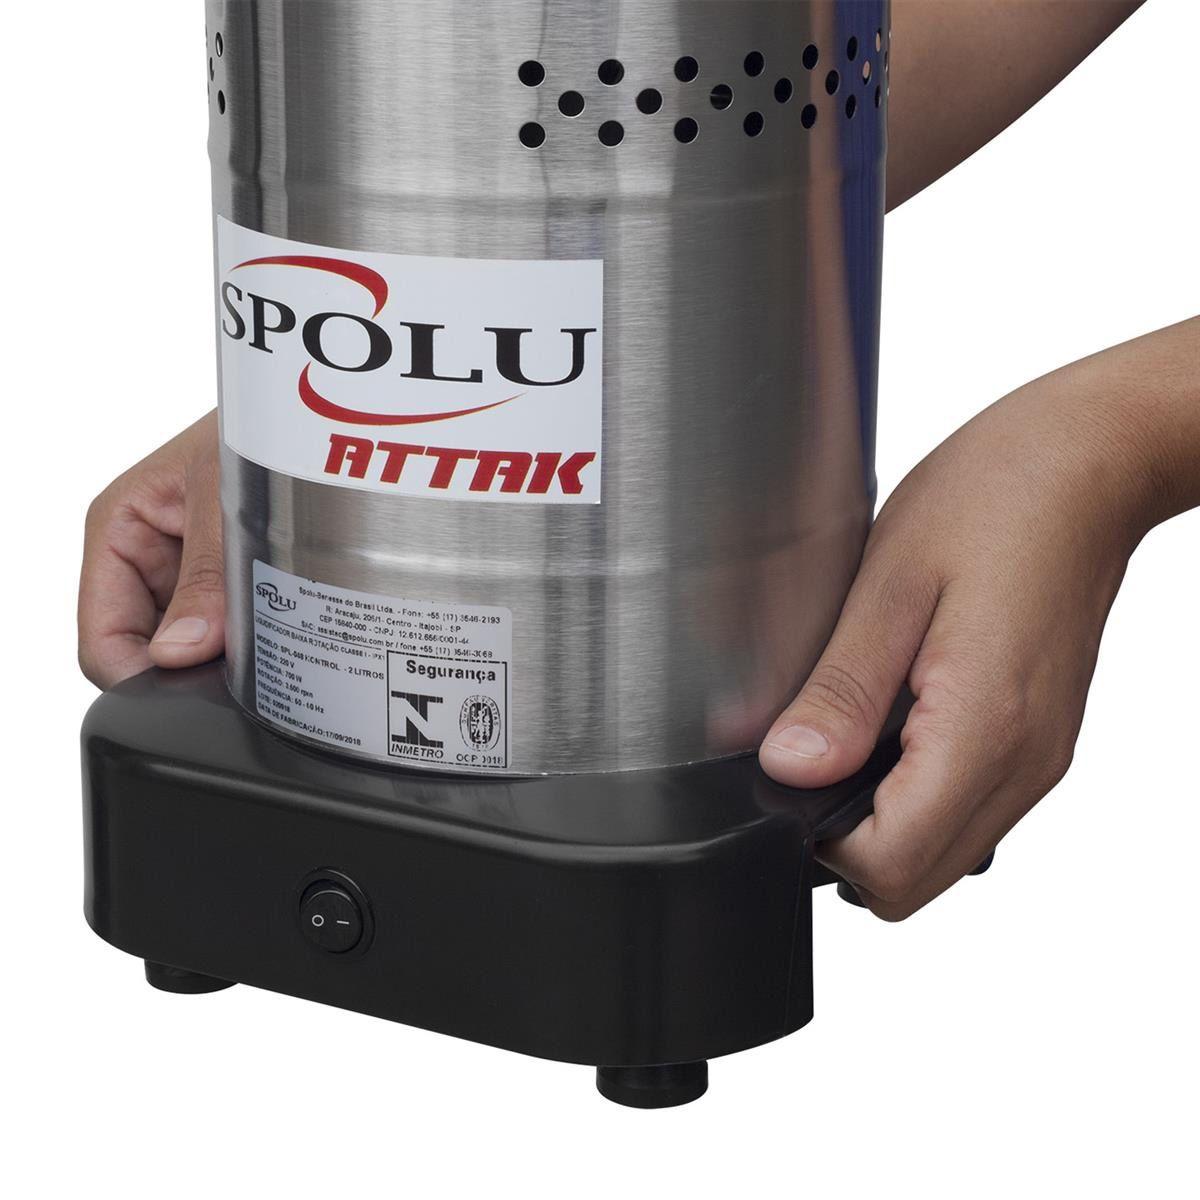 Liquidificador Industrial Spolu Attak 8 Litros Inox Baixa Rotação 220v